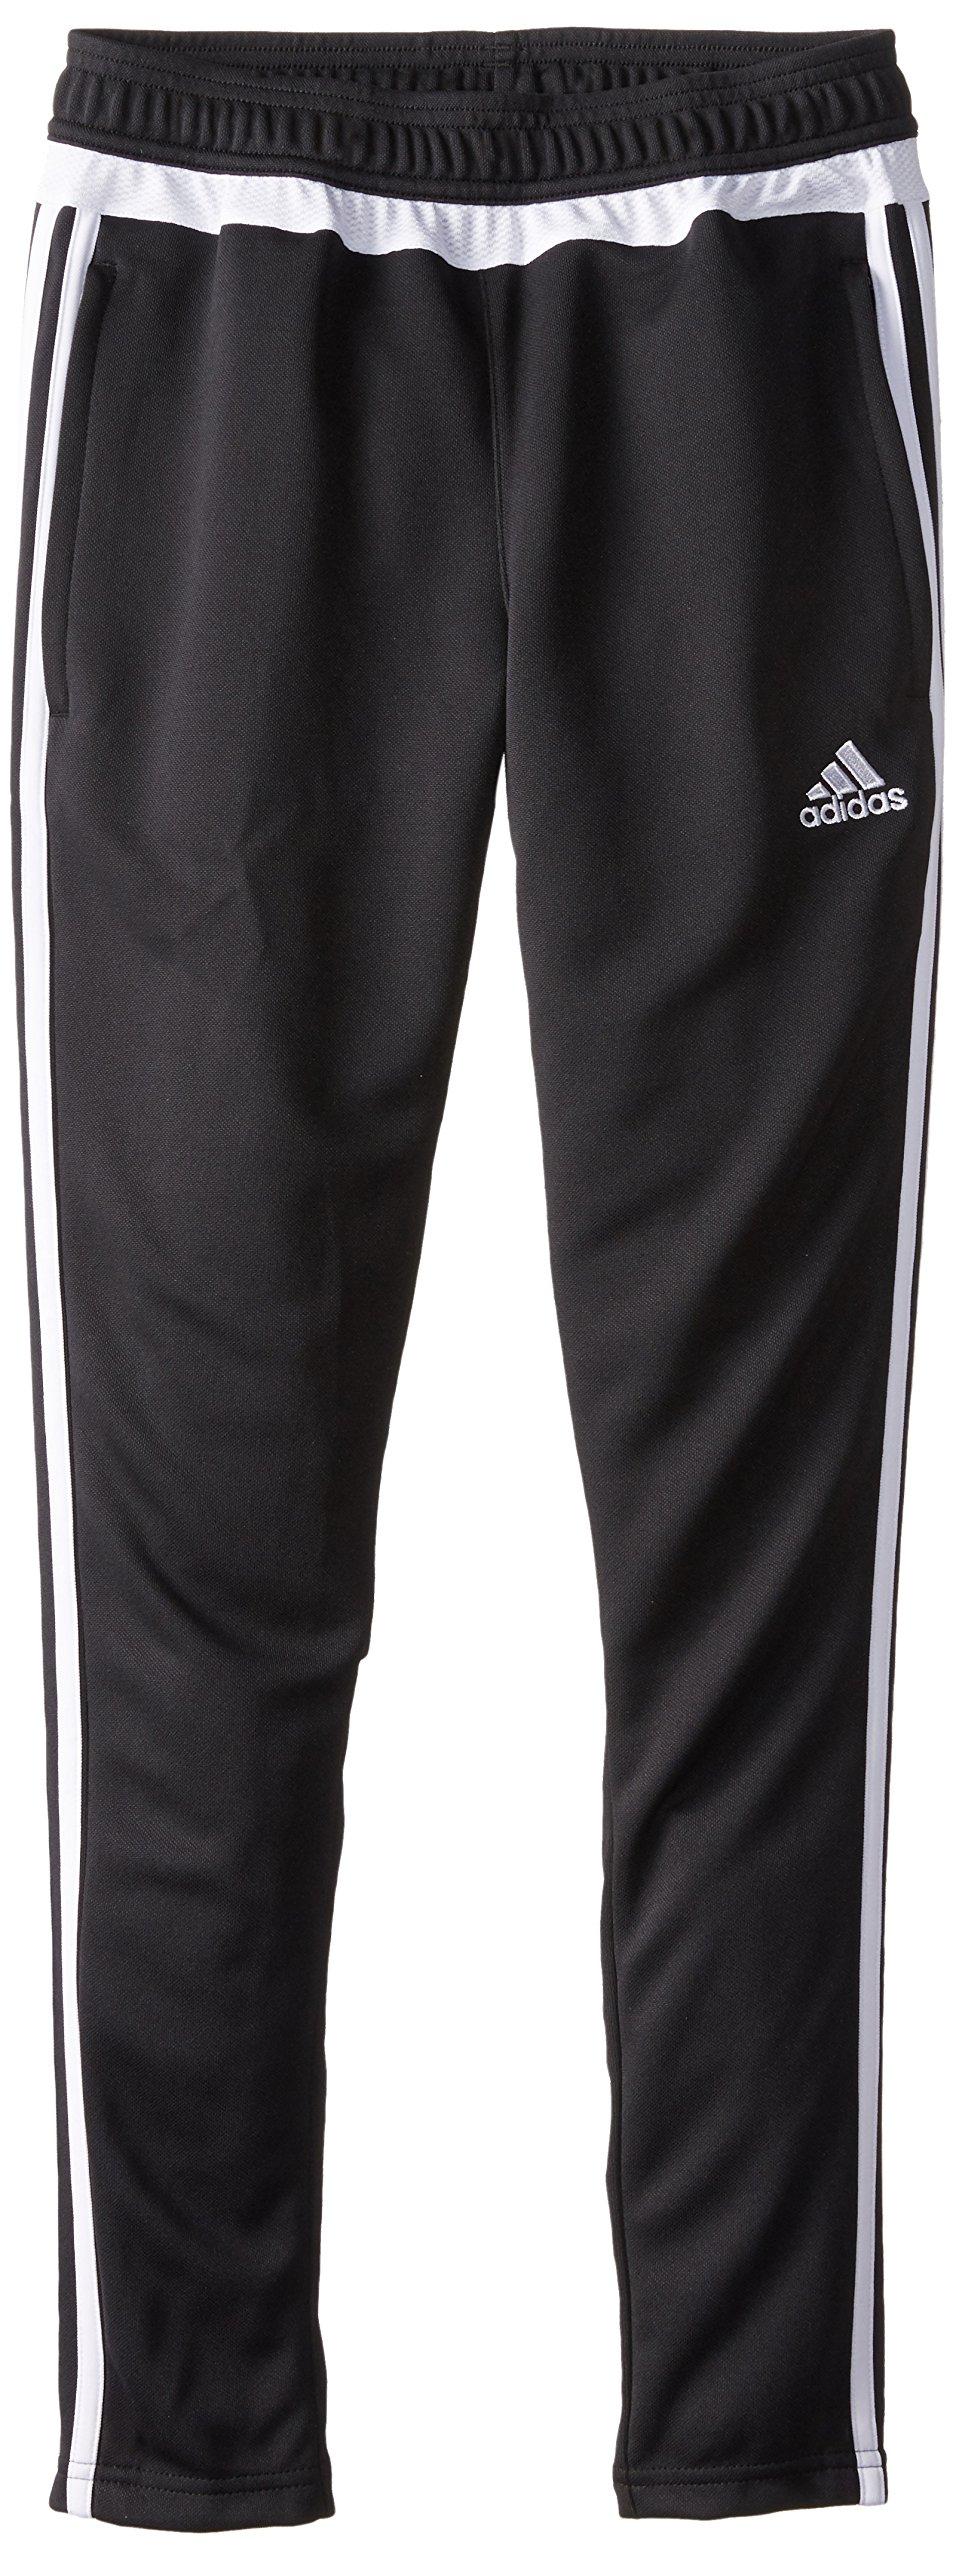 adidas Performance Youth Tiro 15 Training Pant, Large, Black/White/Black